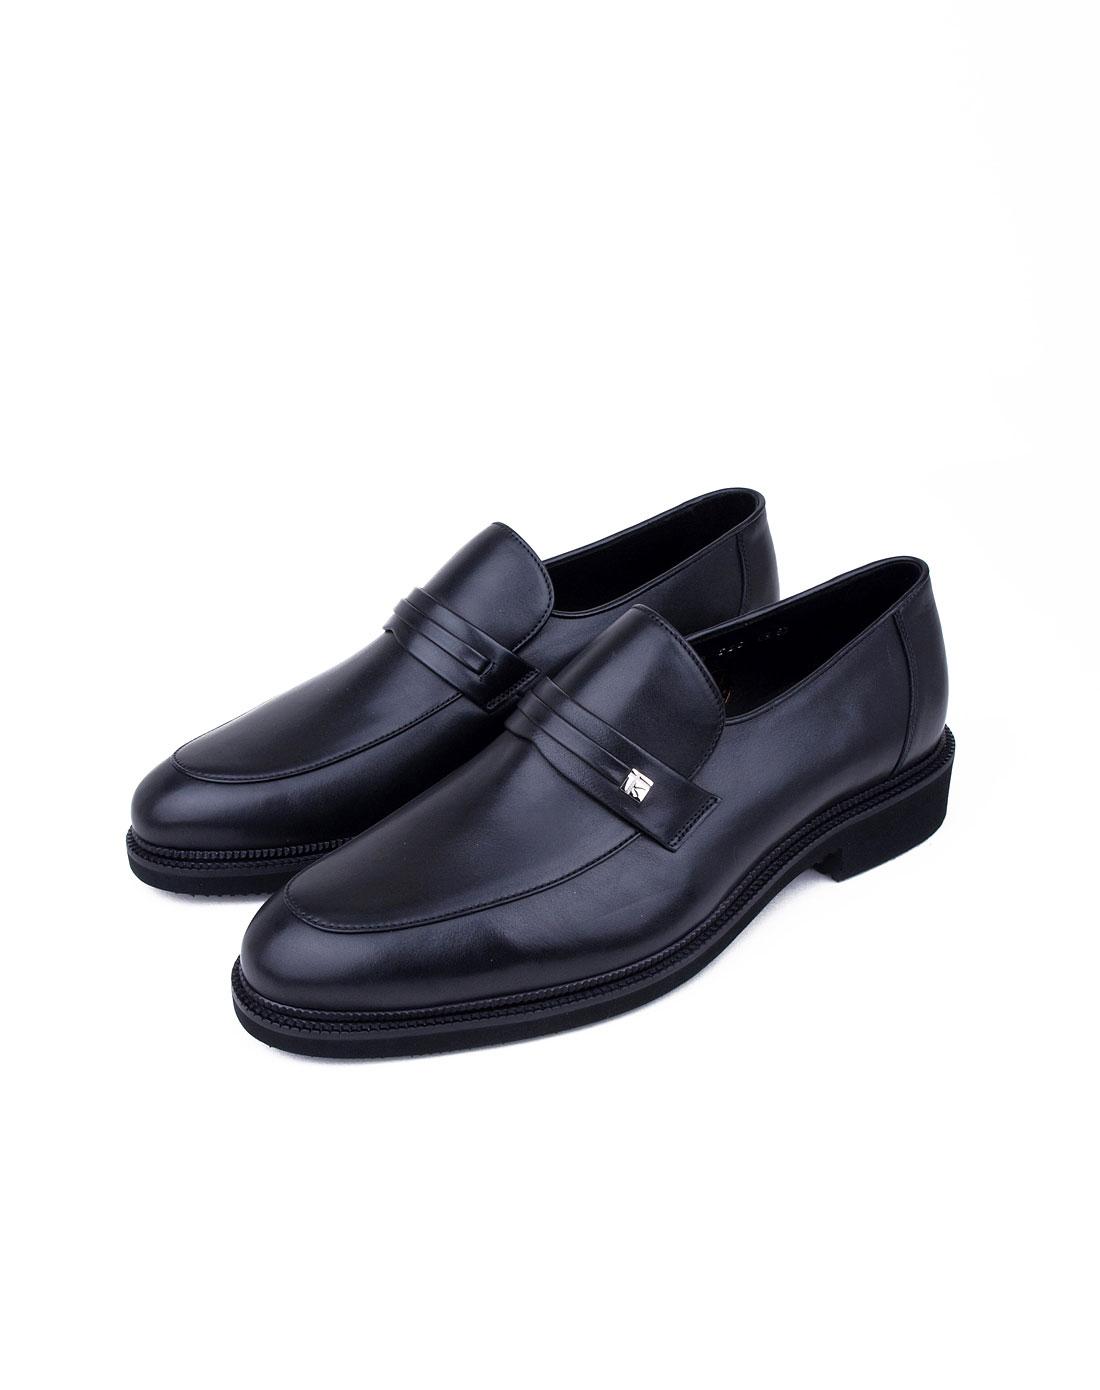 沙驰satchi男款黑色进口鞋isnb7a159